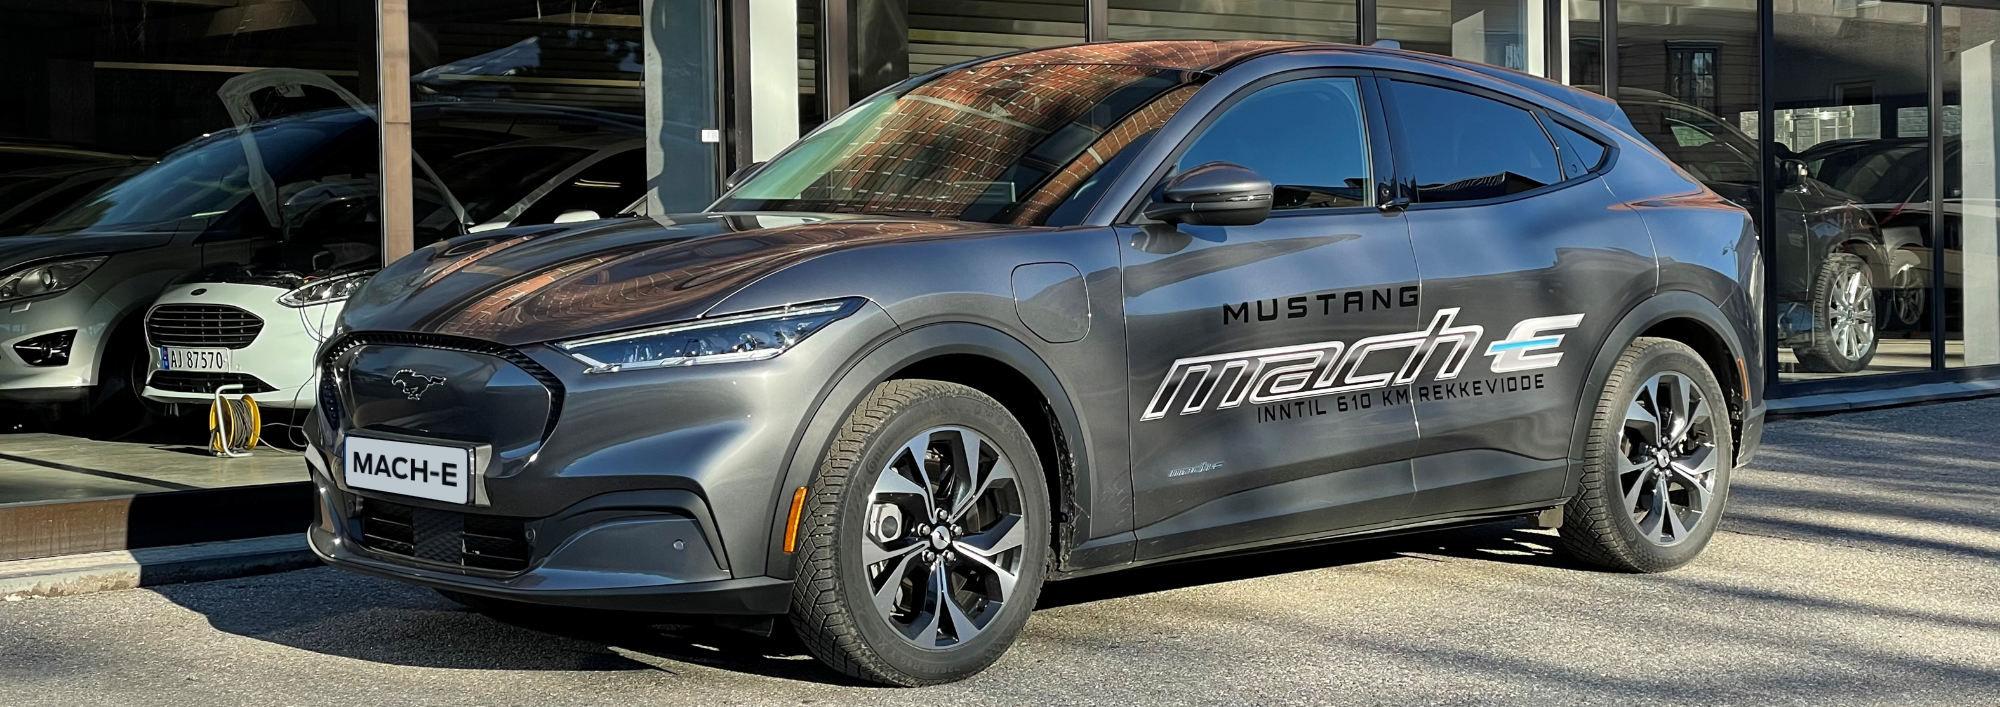 Mustang Mach-E Mysen